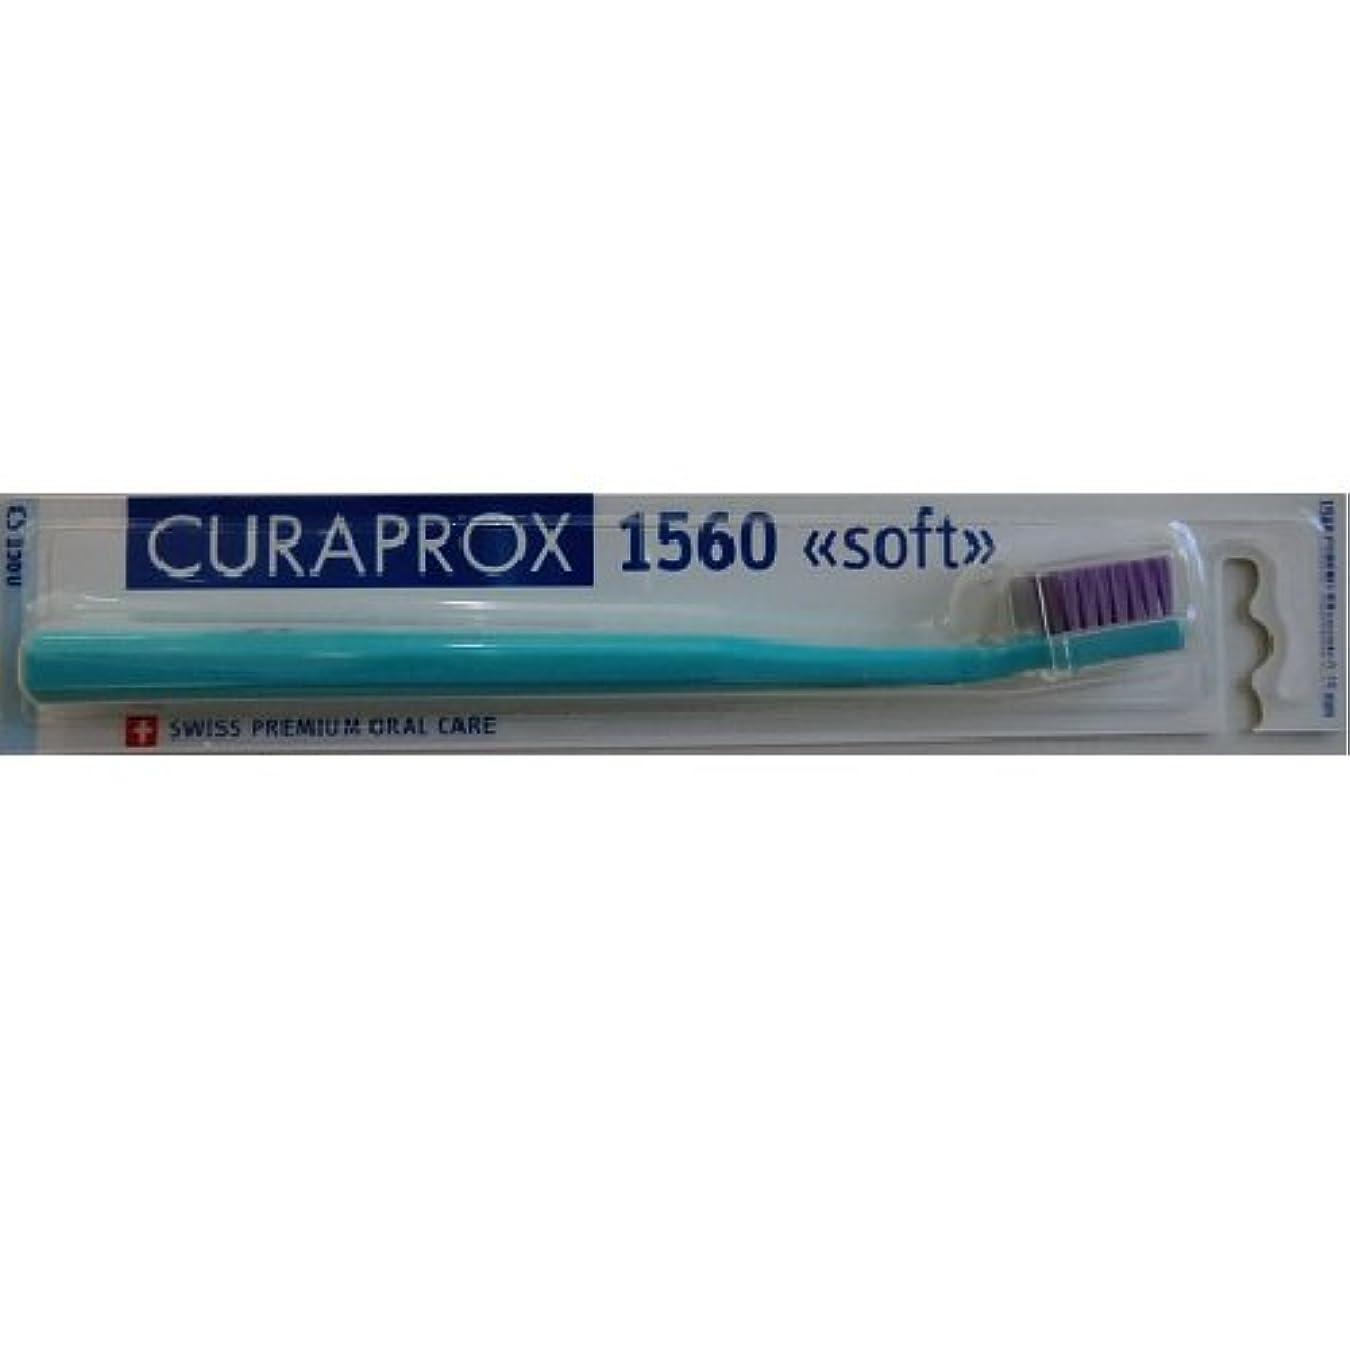 識別マリナー排泄物キュラプロックス1560?ソフト歯ブラシ